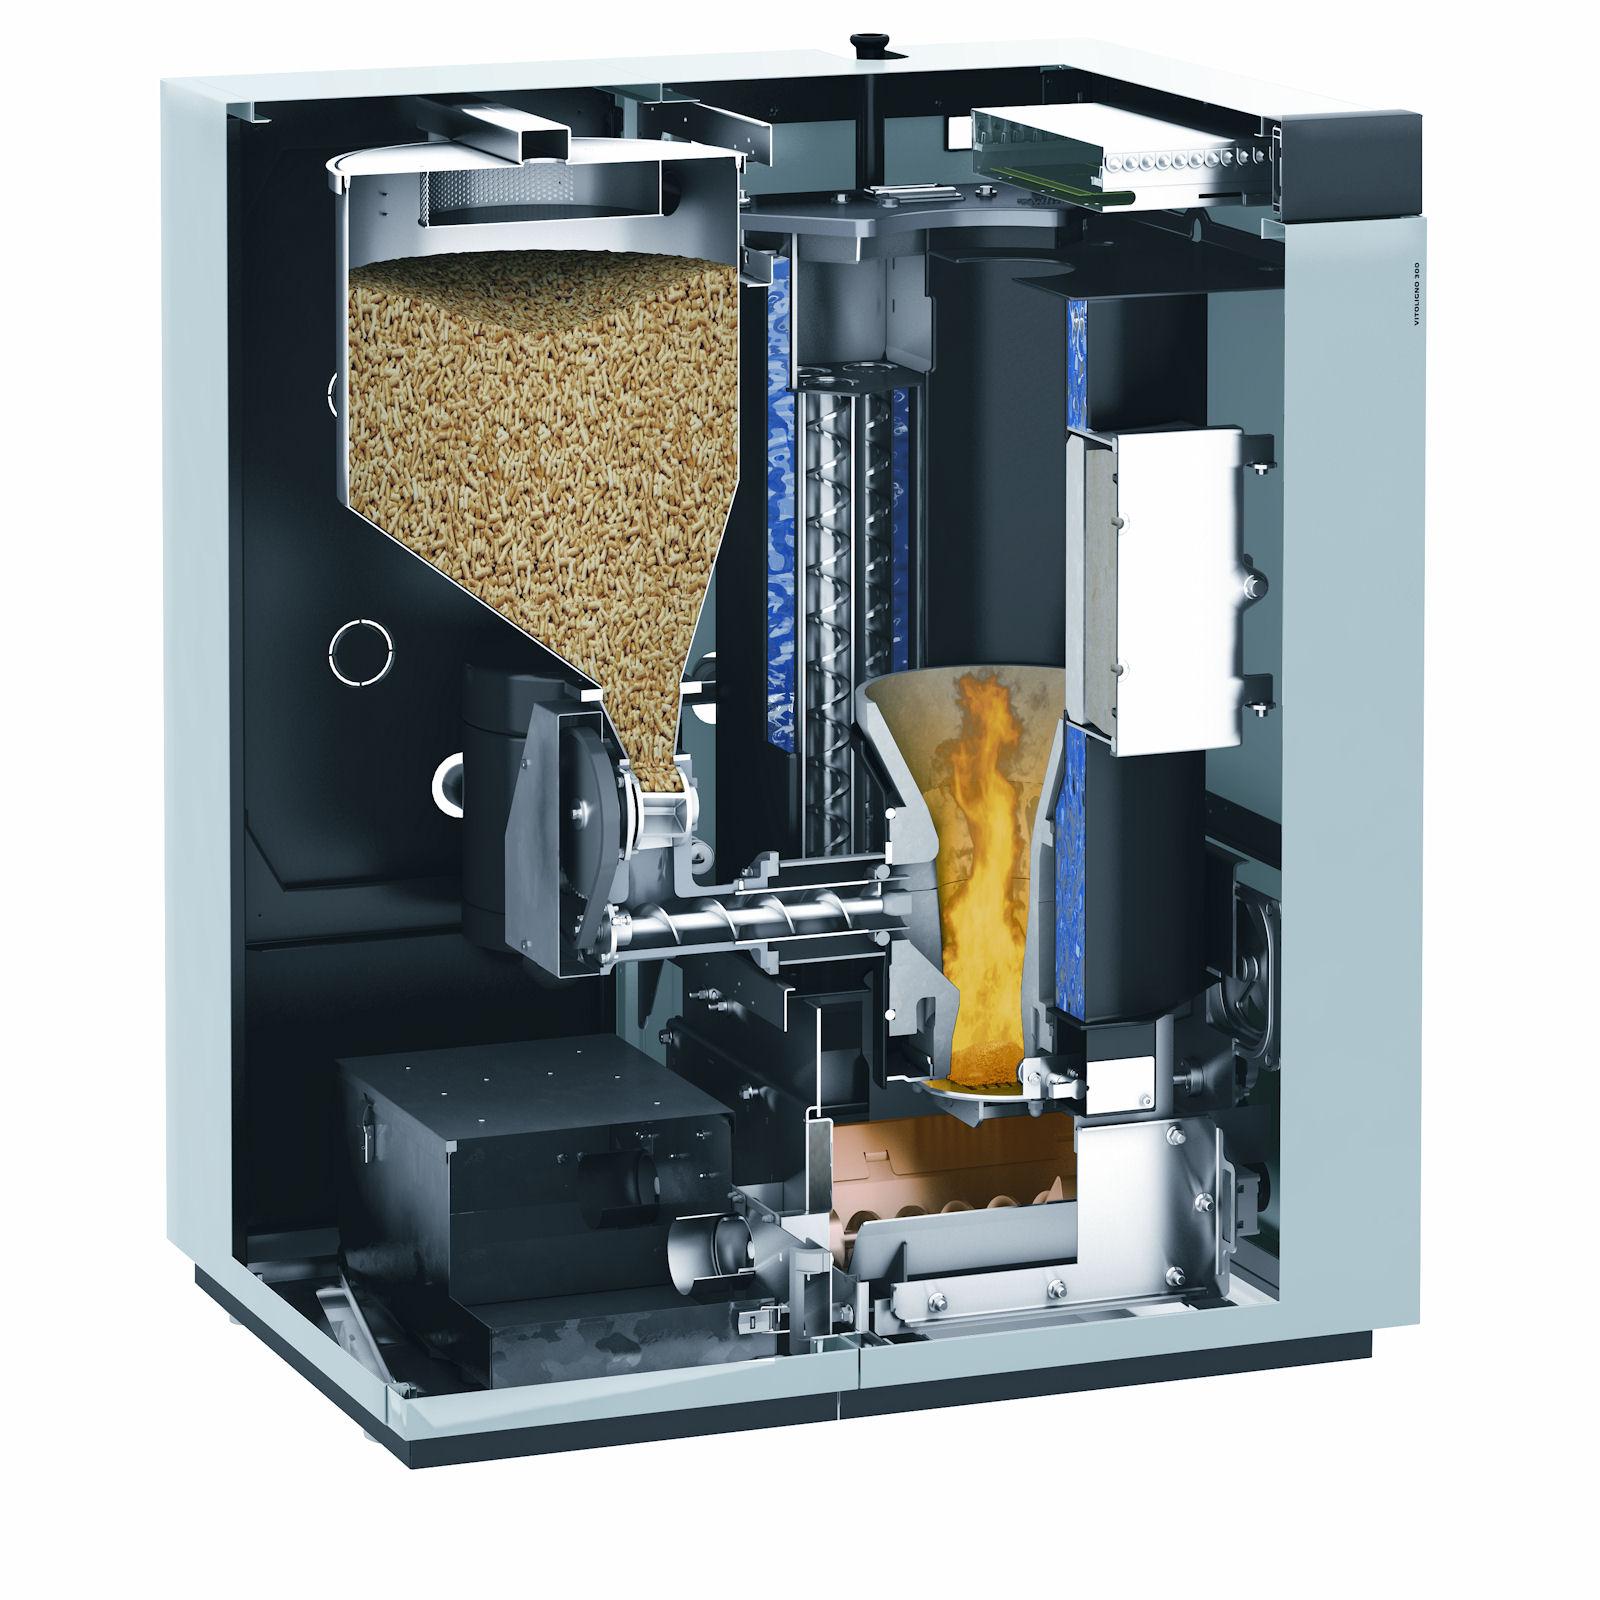 Riscaldare con le biomasse rci riscaldamento for Caldaia a pellet vitoligno 300 c prezzi